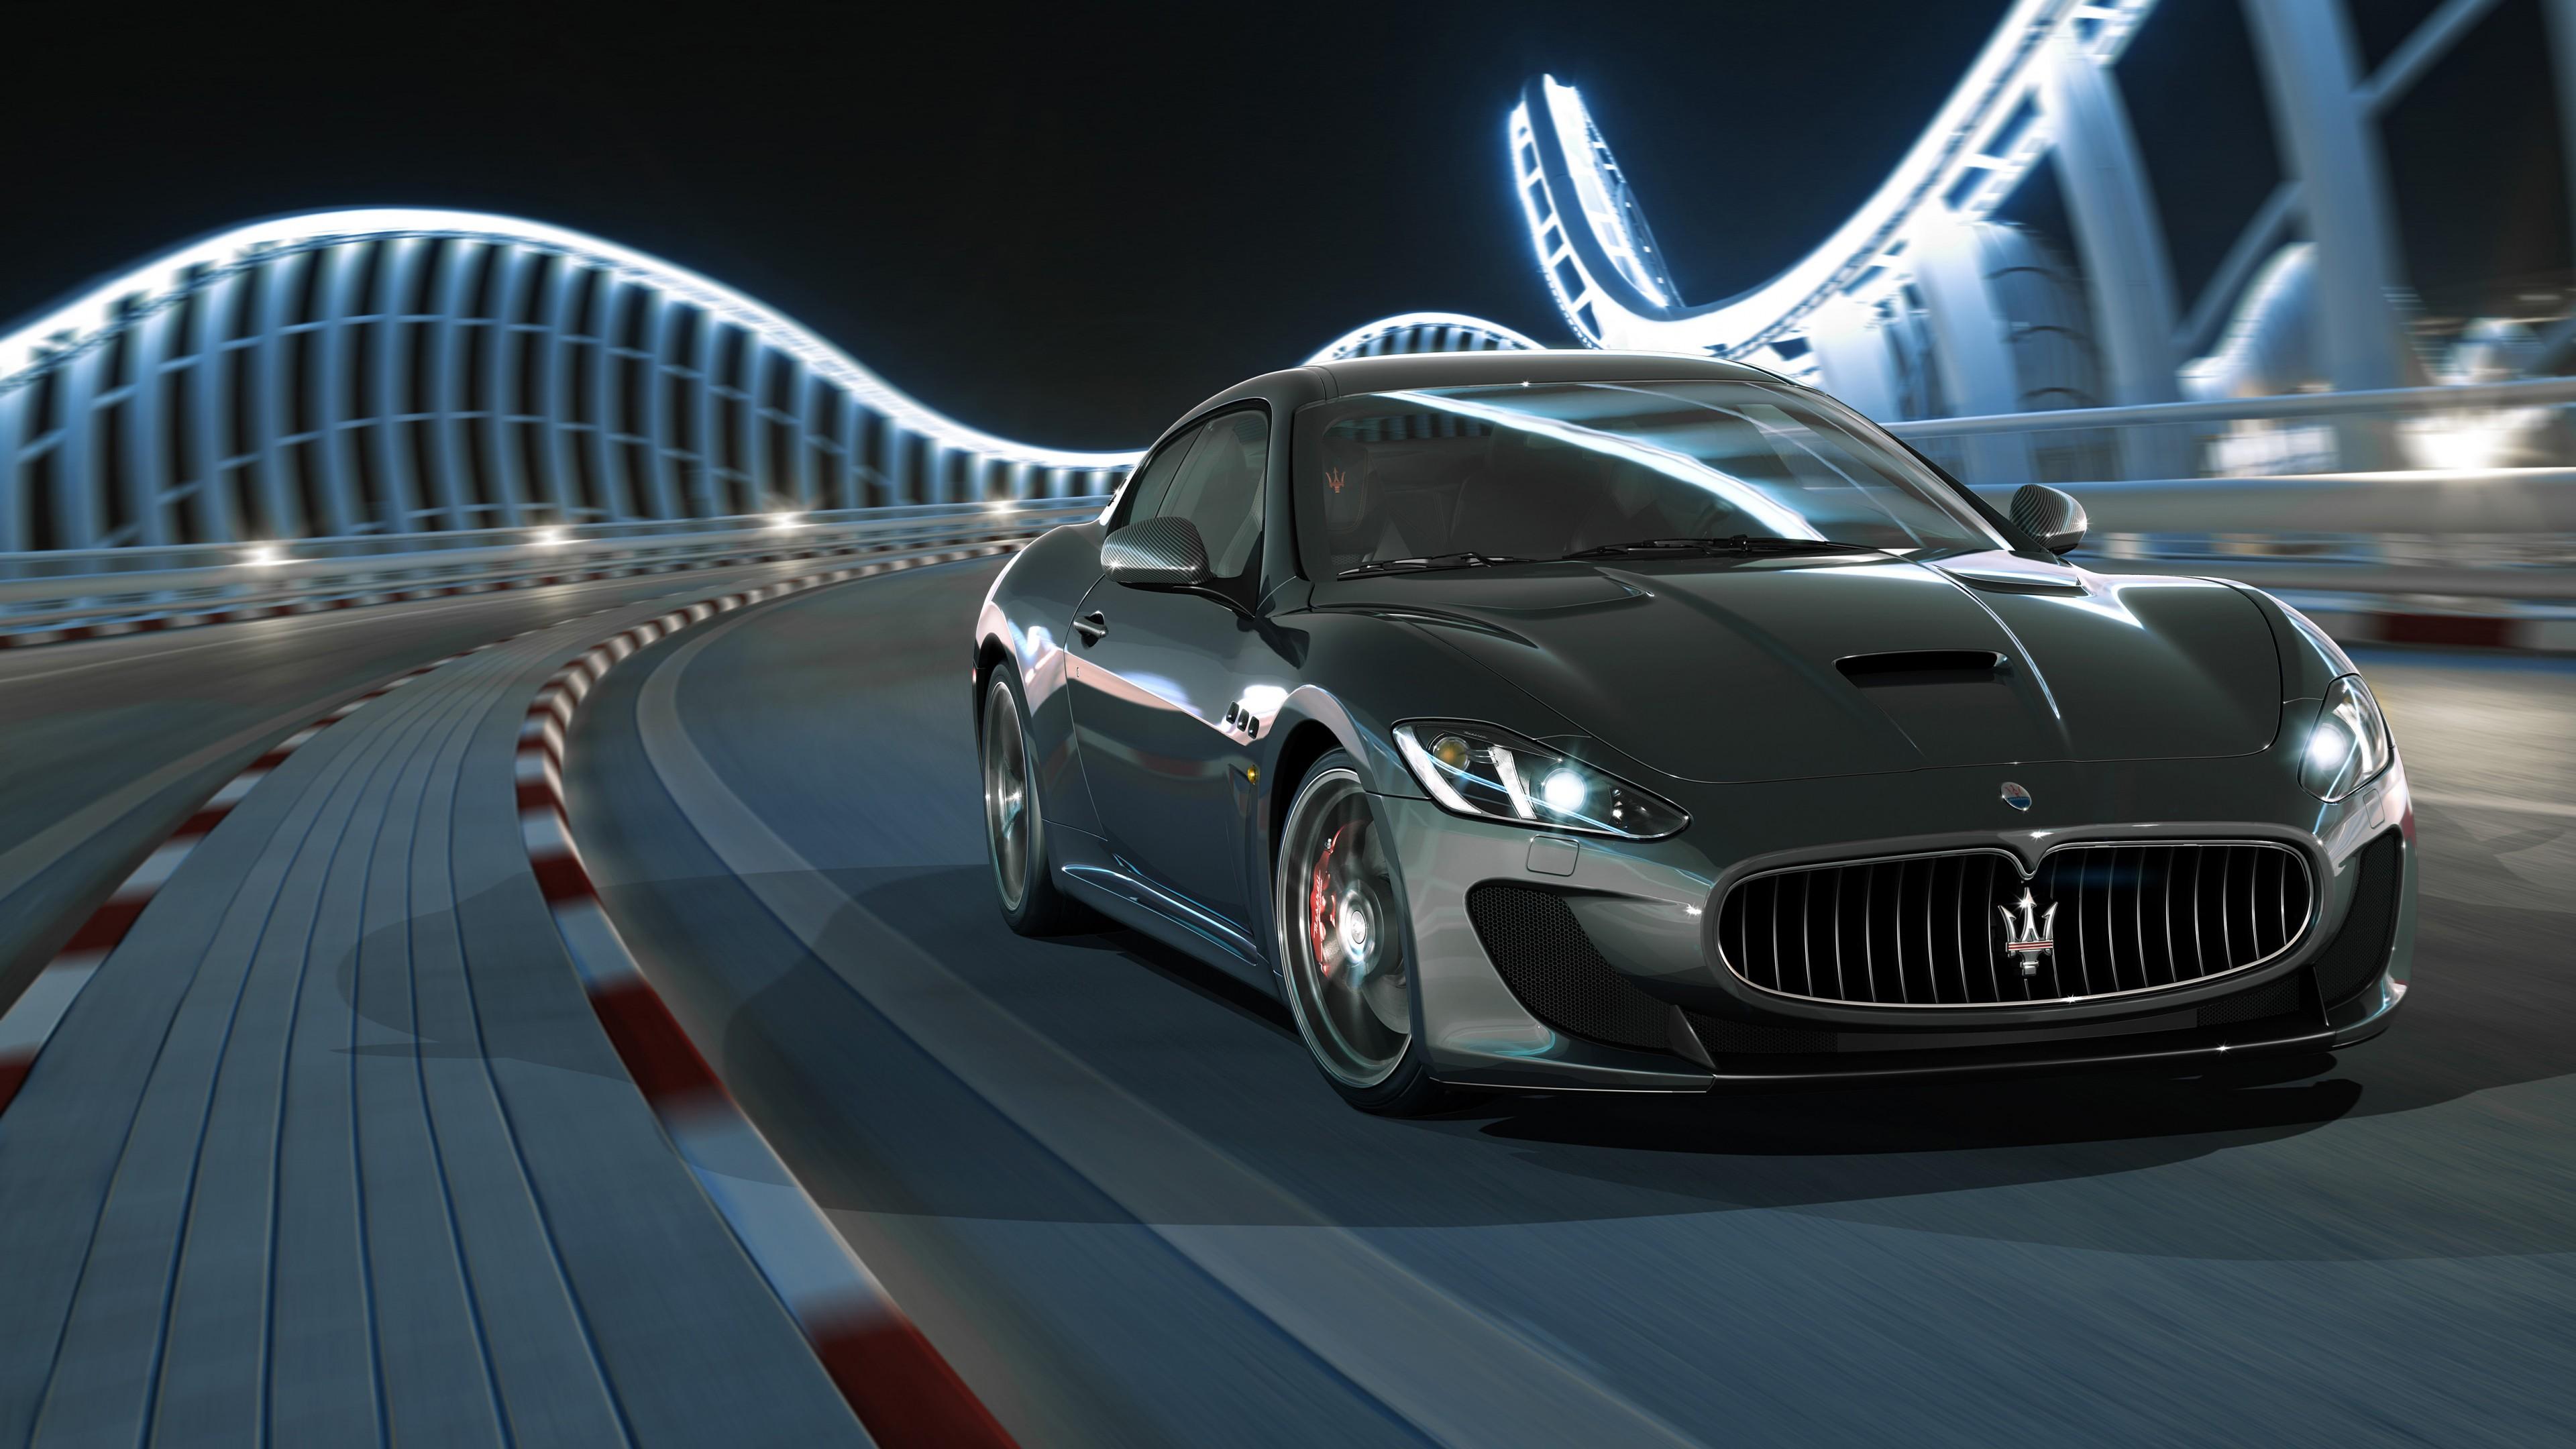 2018 Maserati GranTurismo 4K Wallpaper | HD Car Wallpapers ...